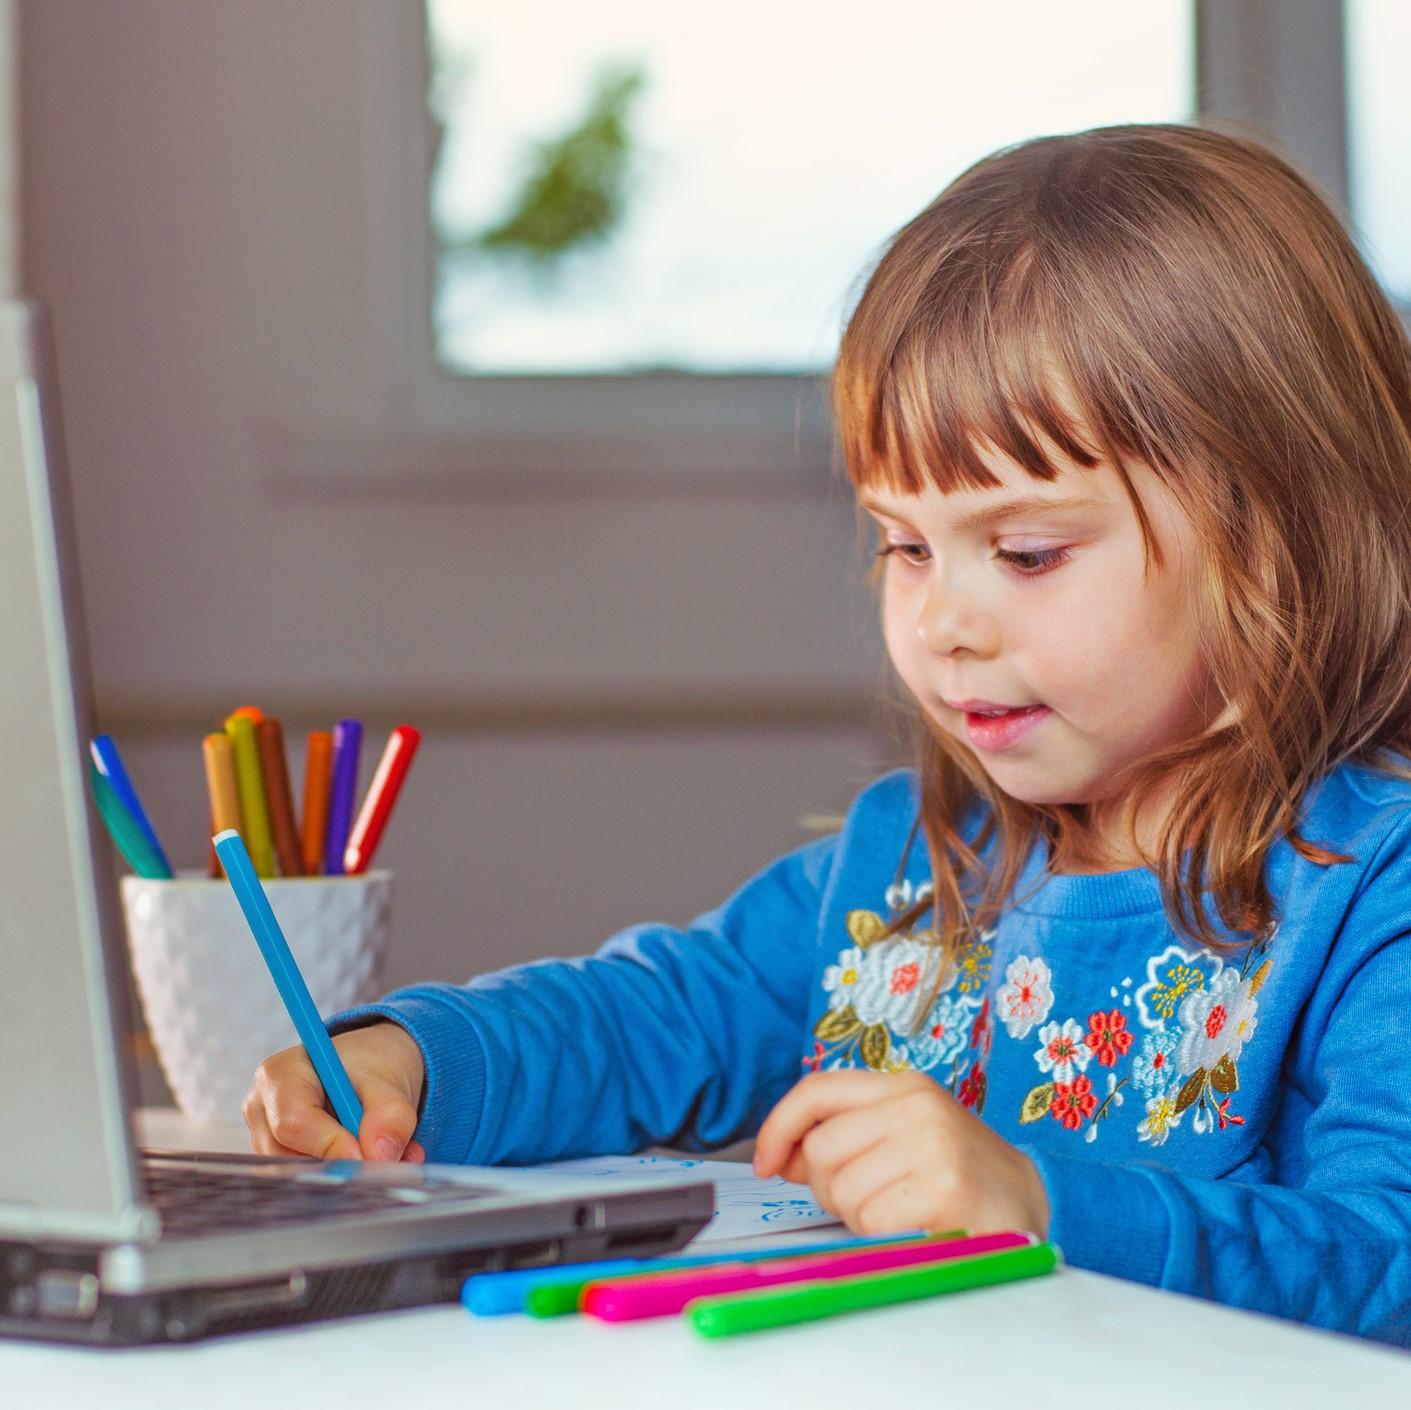 Atelier virtuel de dessin pour enfants (4-7 ans)